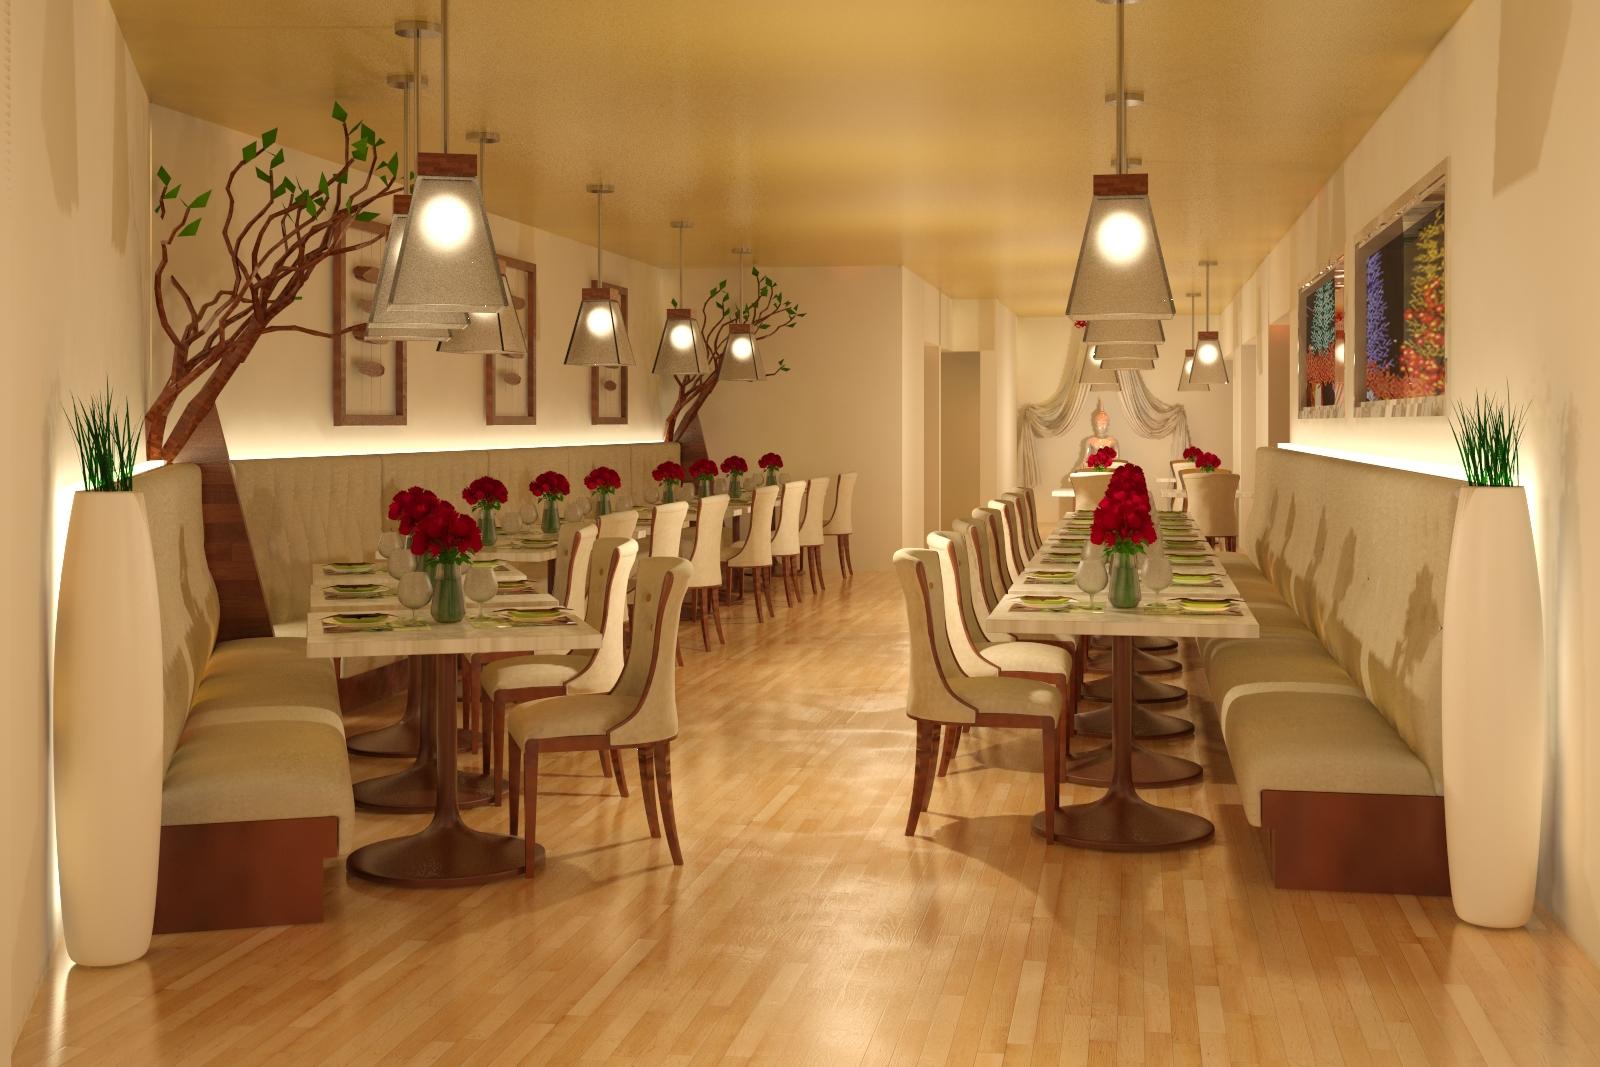 Dining Room - New York, NY